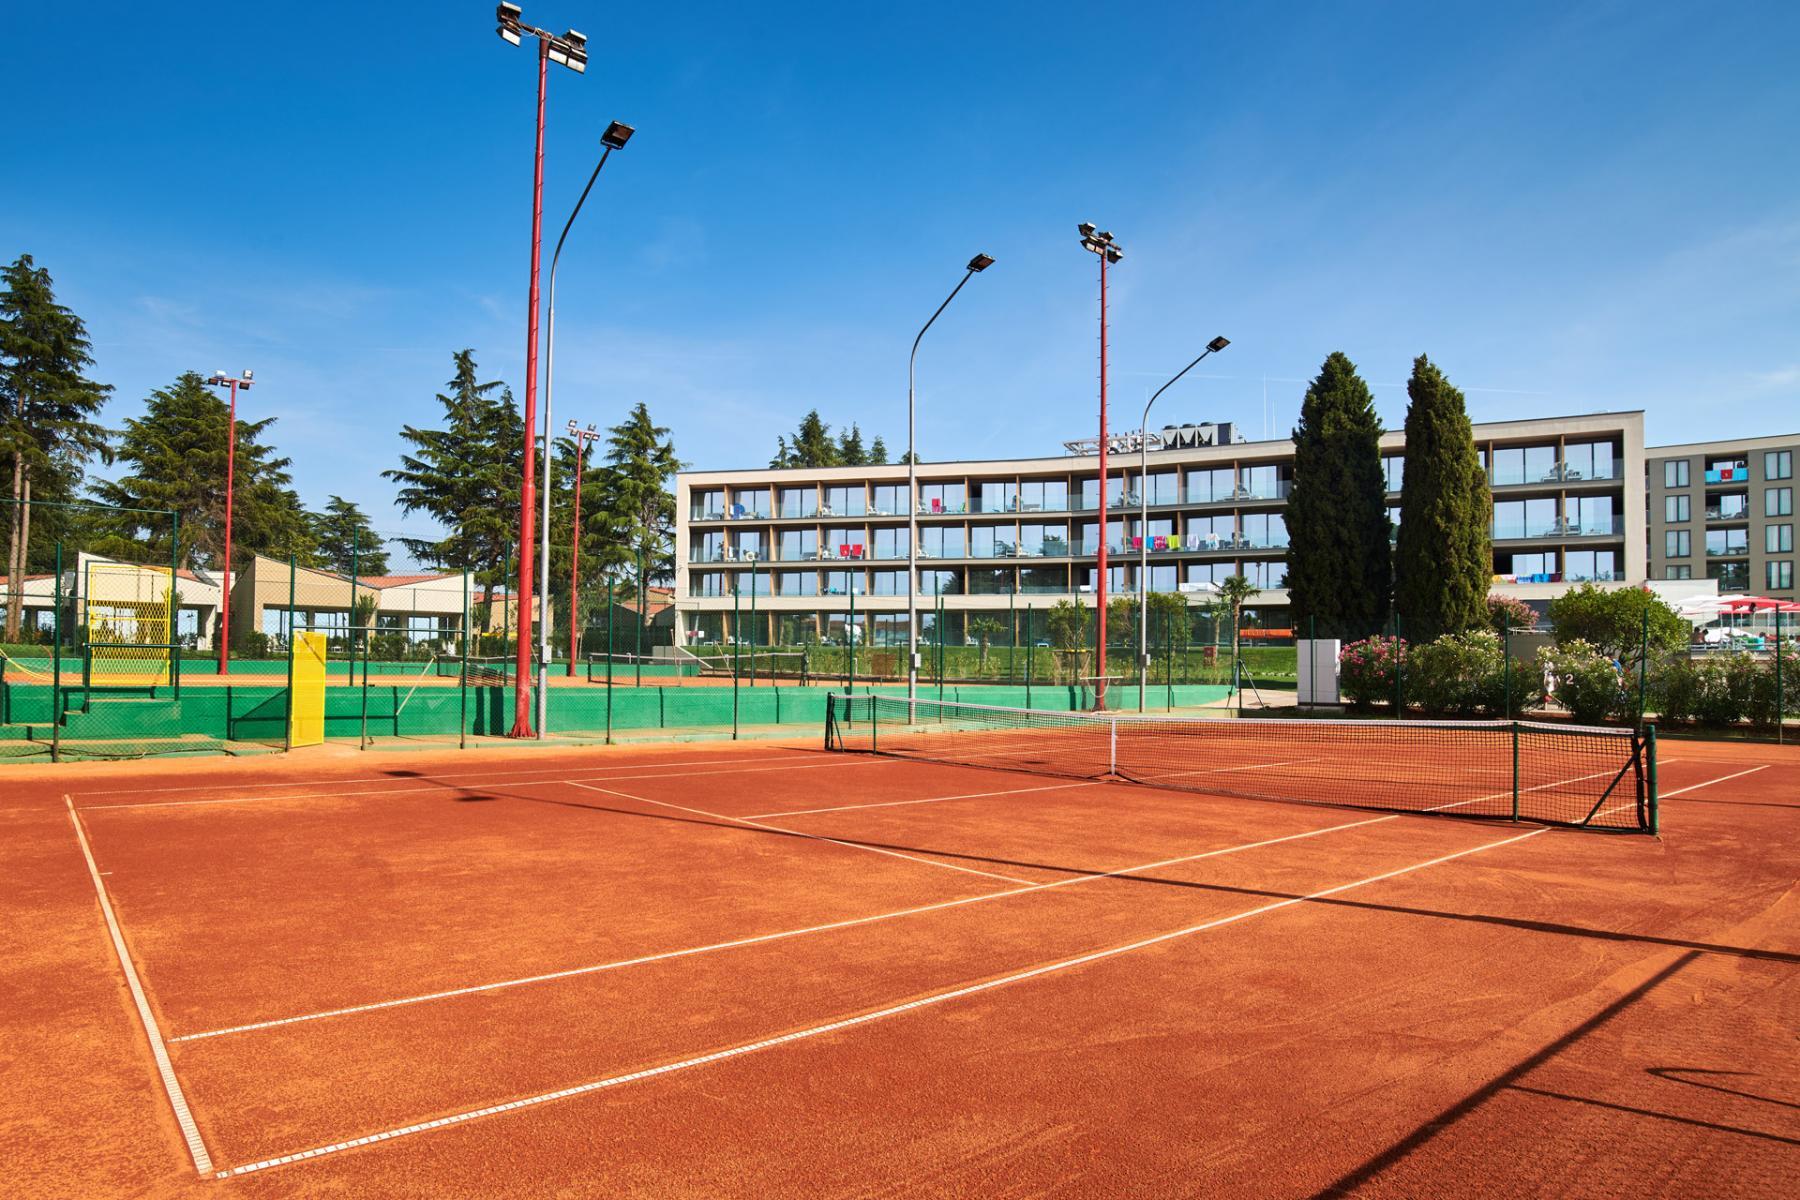 MEER Tennis Hannes Zischka Training Camp Porec Kroatien Istrien Trainingscamp